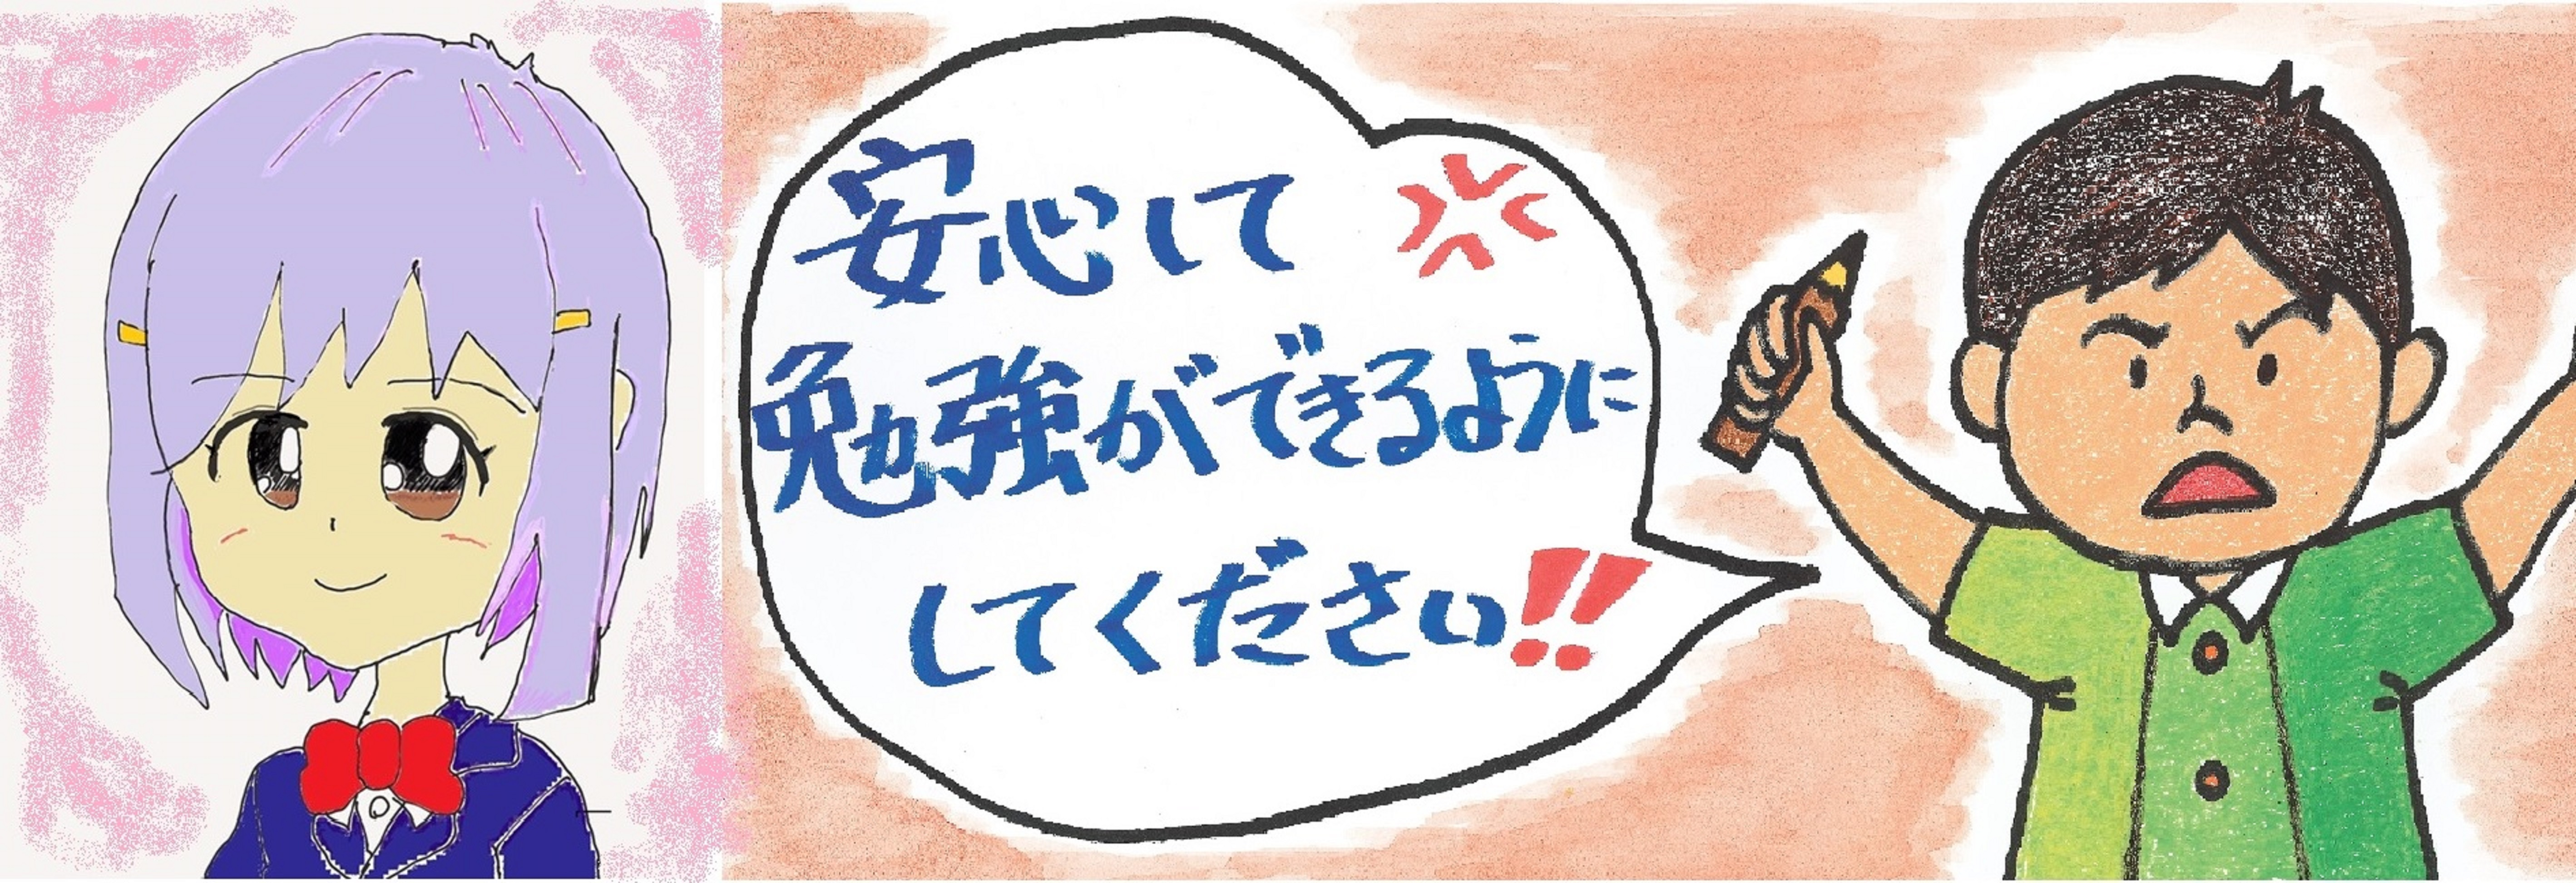 ようこそ徳島県教職員組合のホームページへ